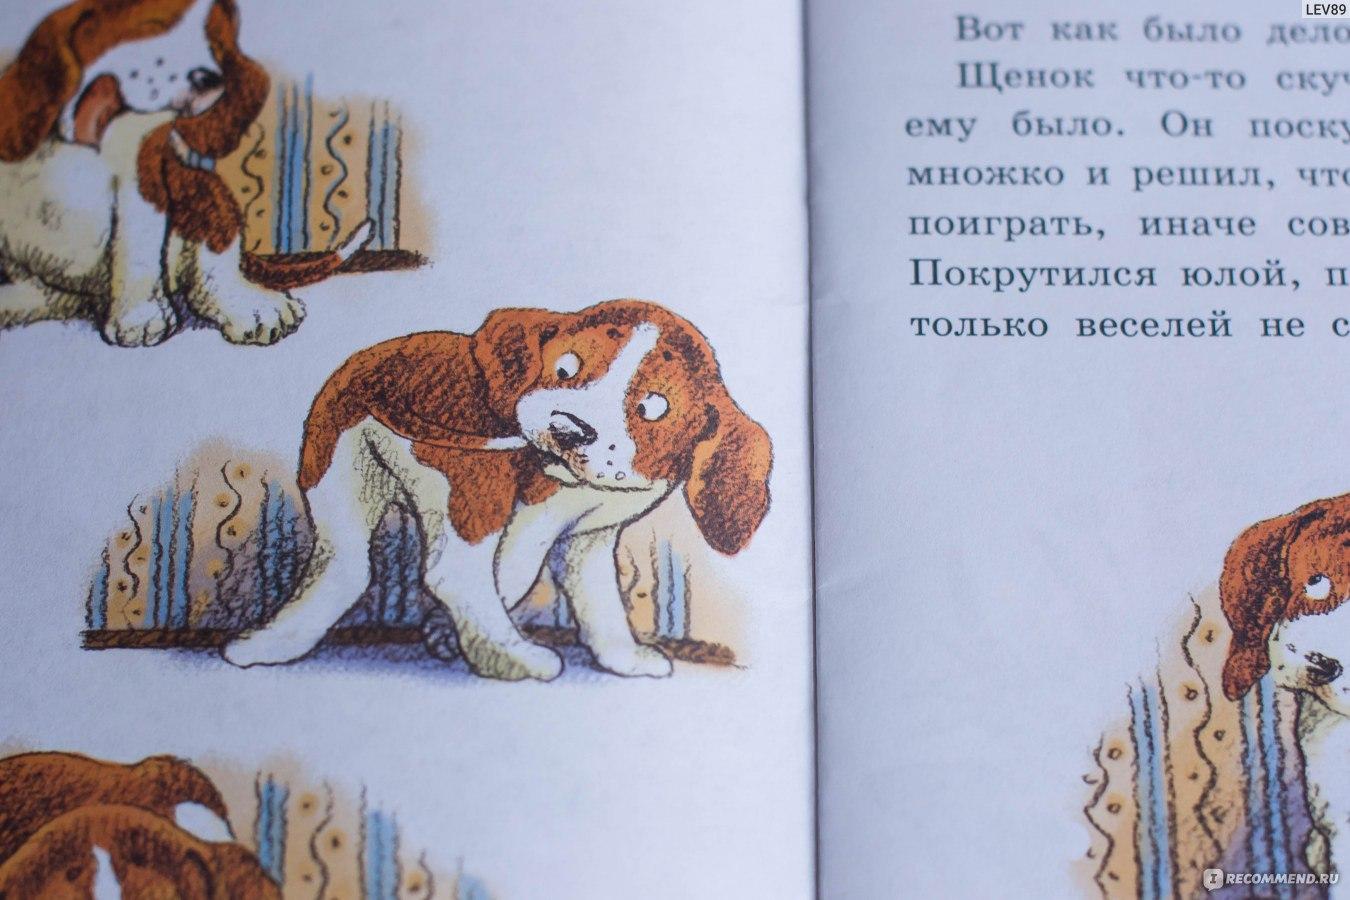 Сказки-несказки: сова - сказки бианки: читать с картинками, иллюстрациями - сказка dy9.ru